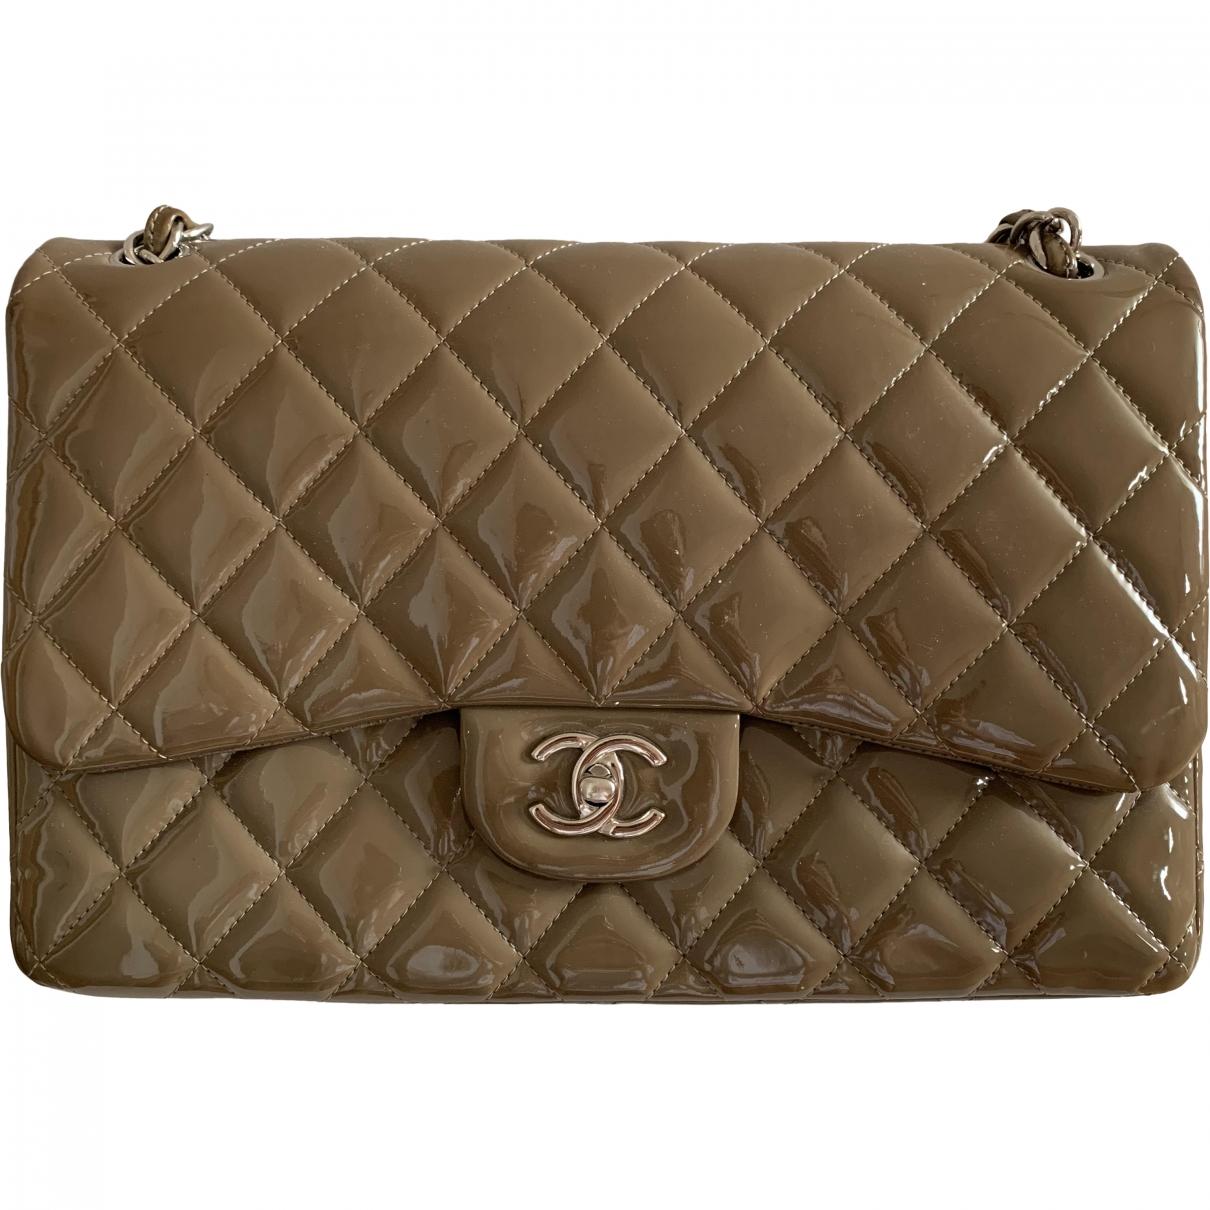 Chanel - Sac a main Timeless/Classique pour femme en cuir verni - beige